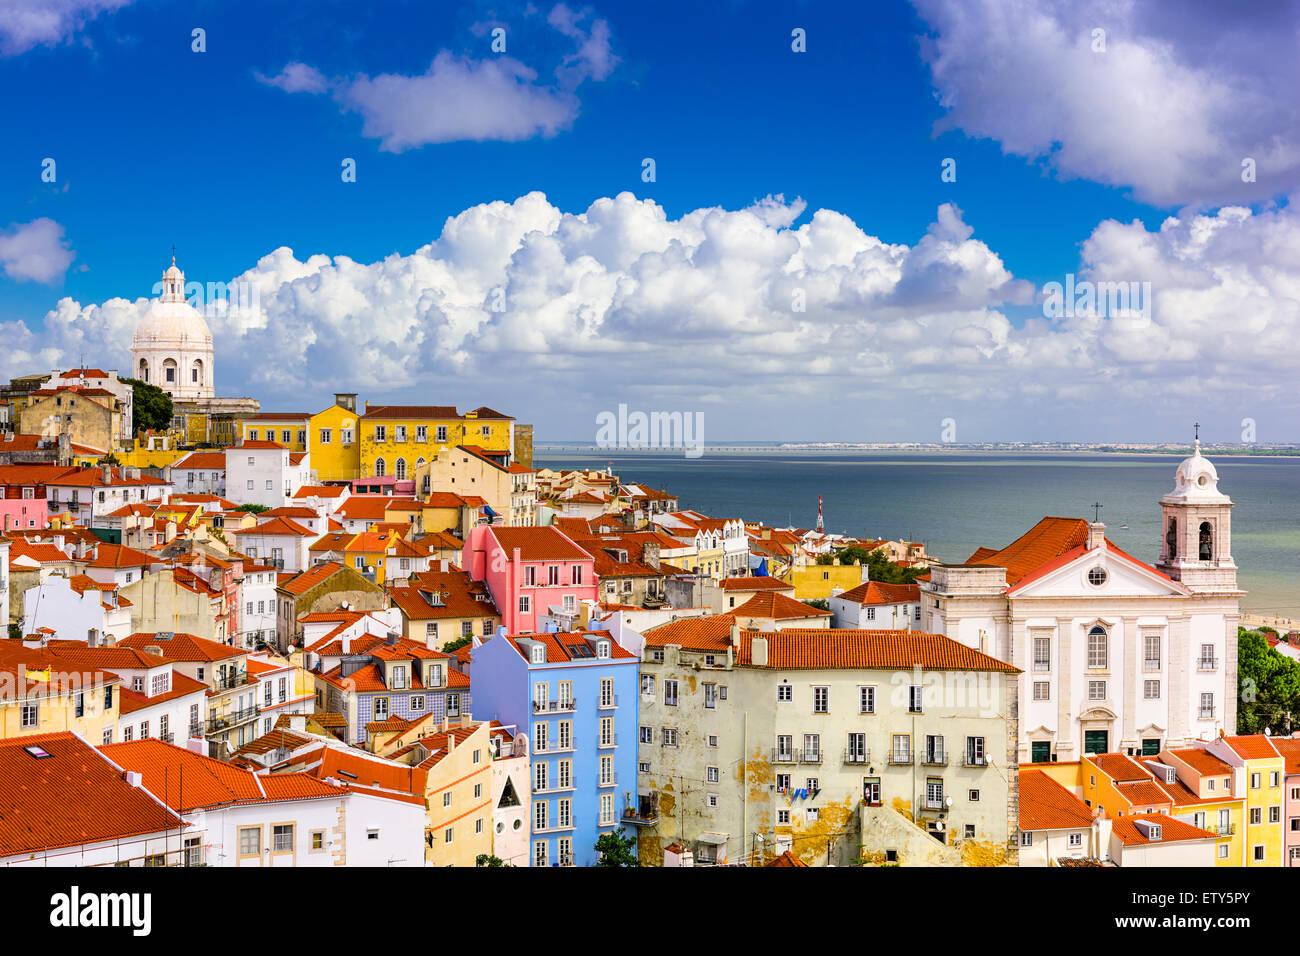 Lisboa, Portugal paisaje urbano en el barrio de la Alfama. Imagen De Stock